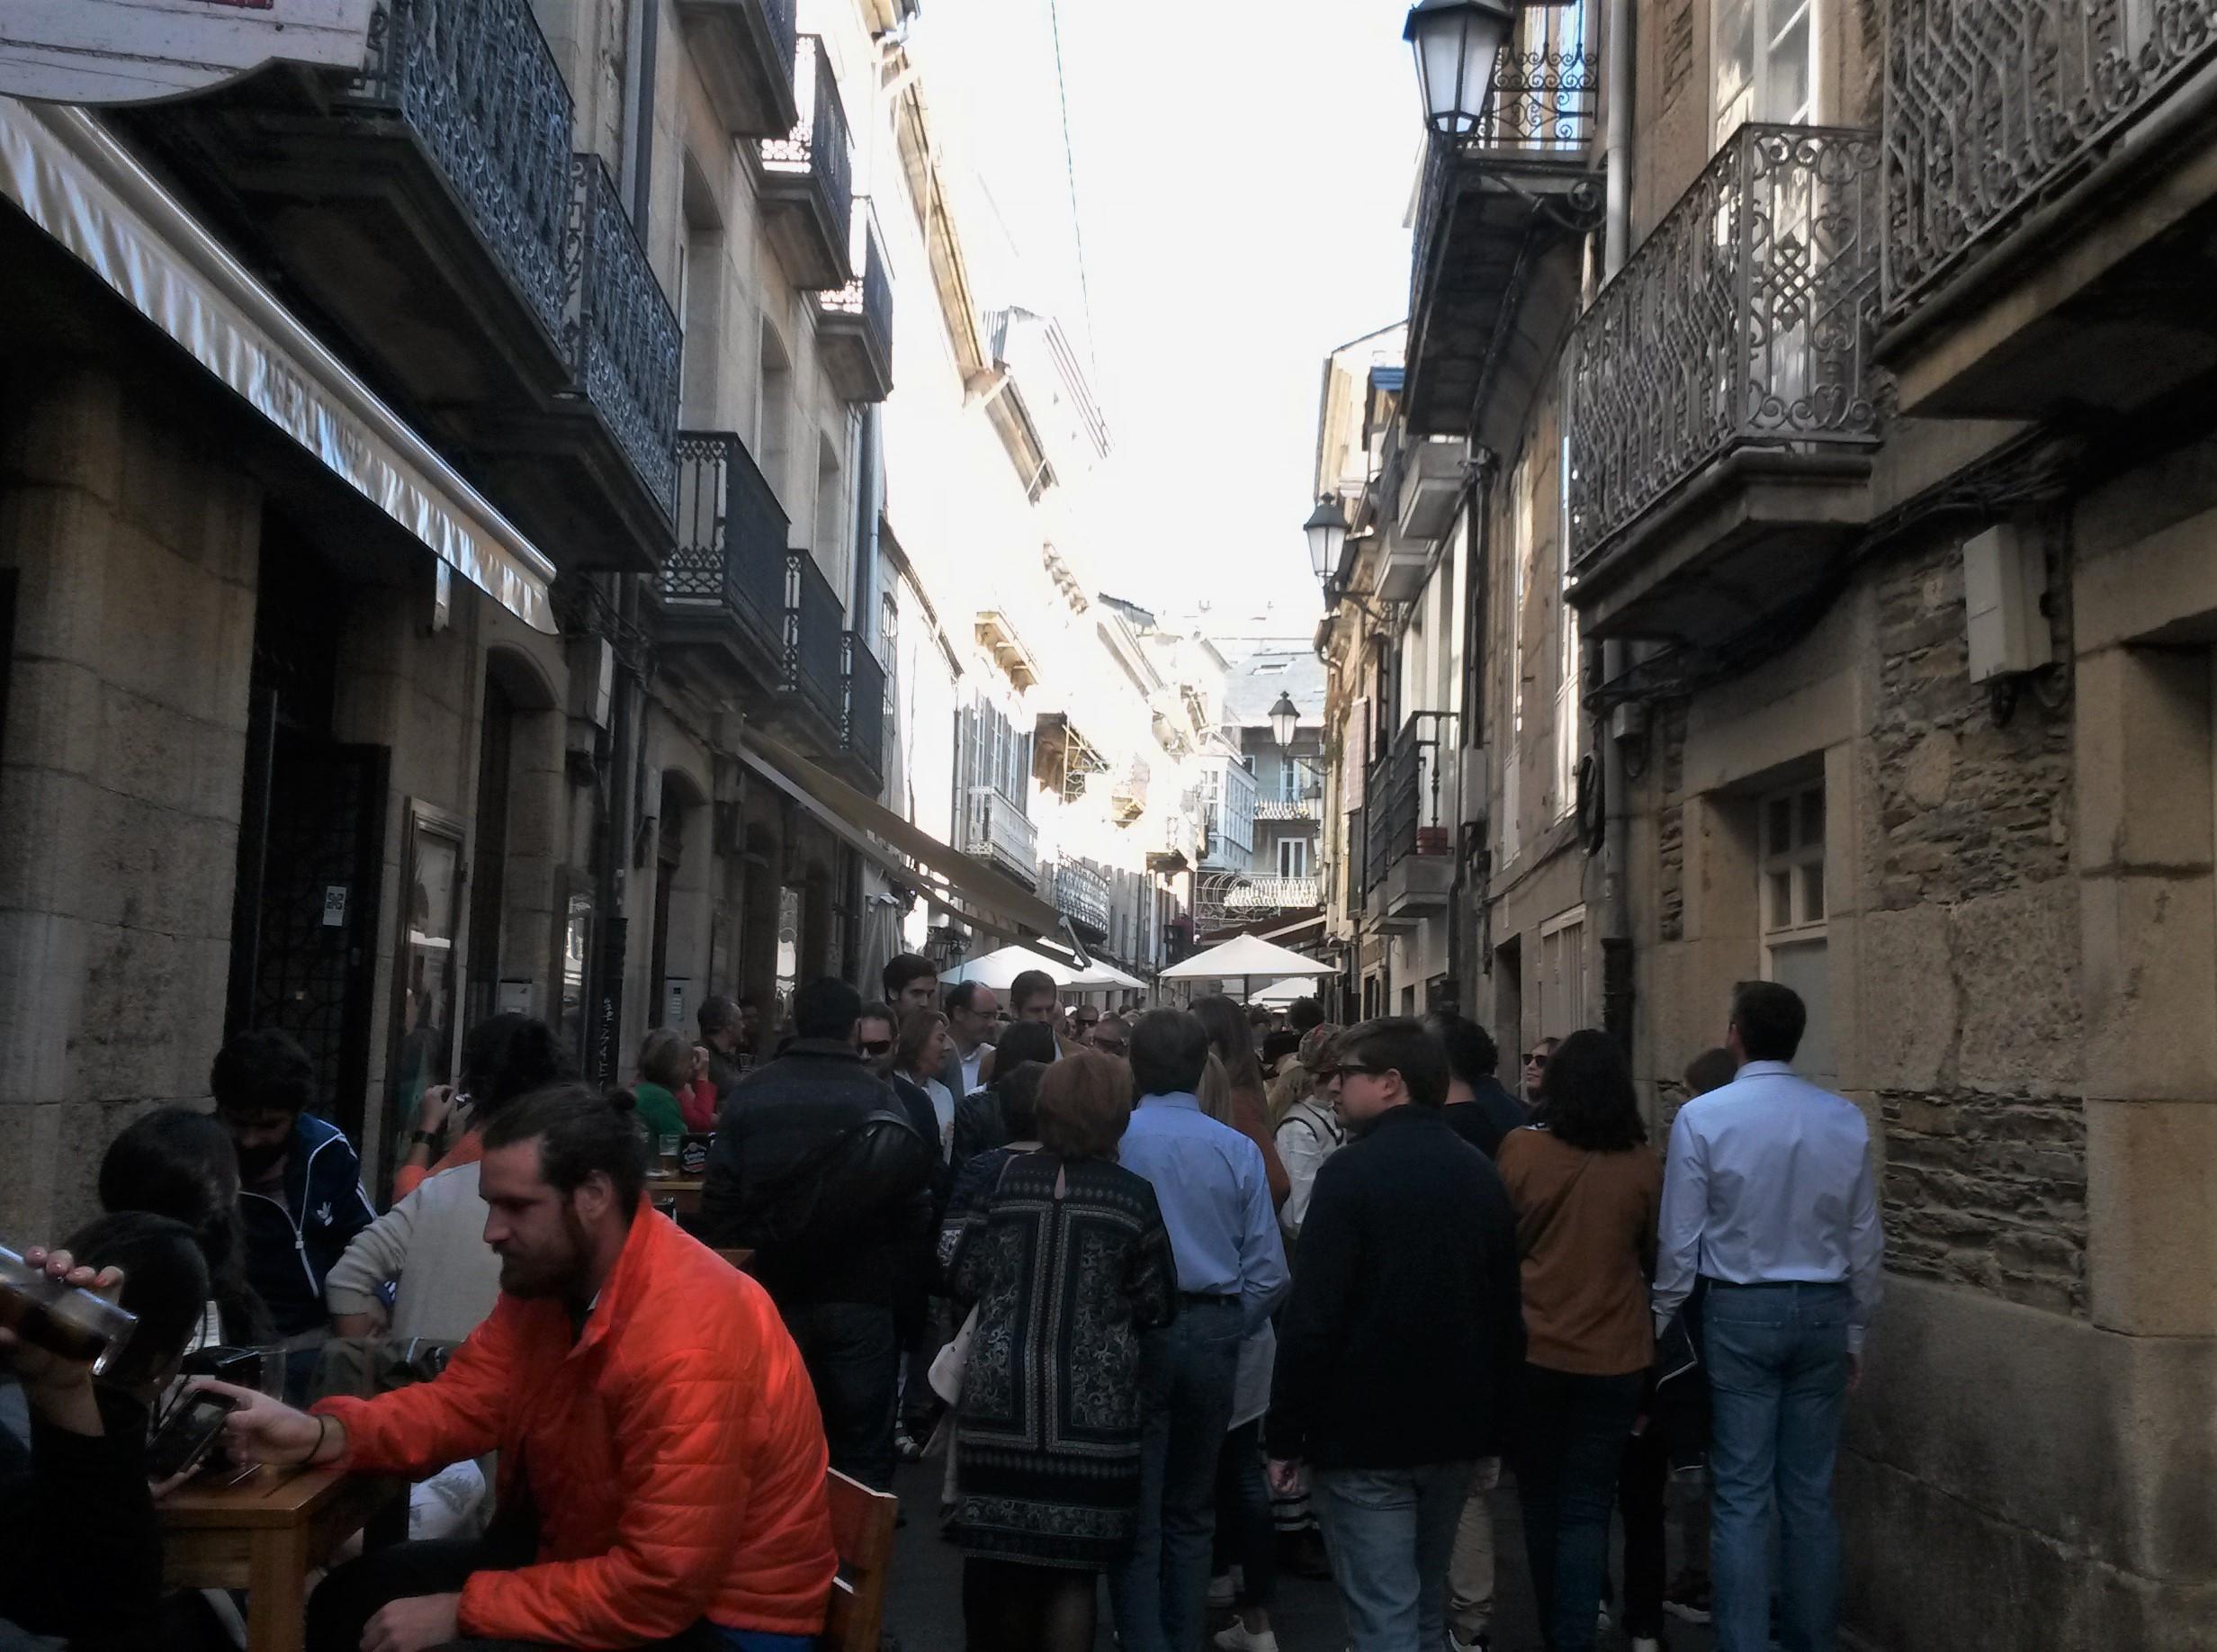 El centro de la ciudad es un referente gastronómico en Galicia |©Paula Martínez Graña